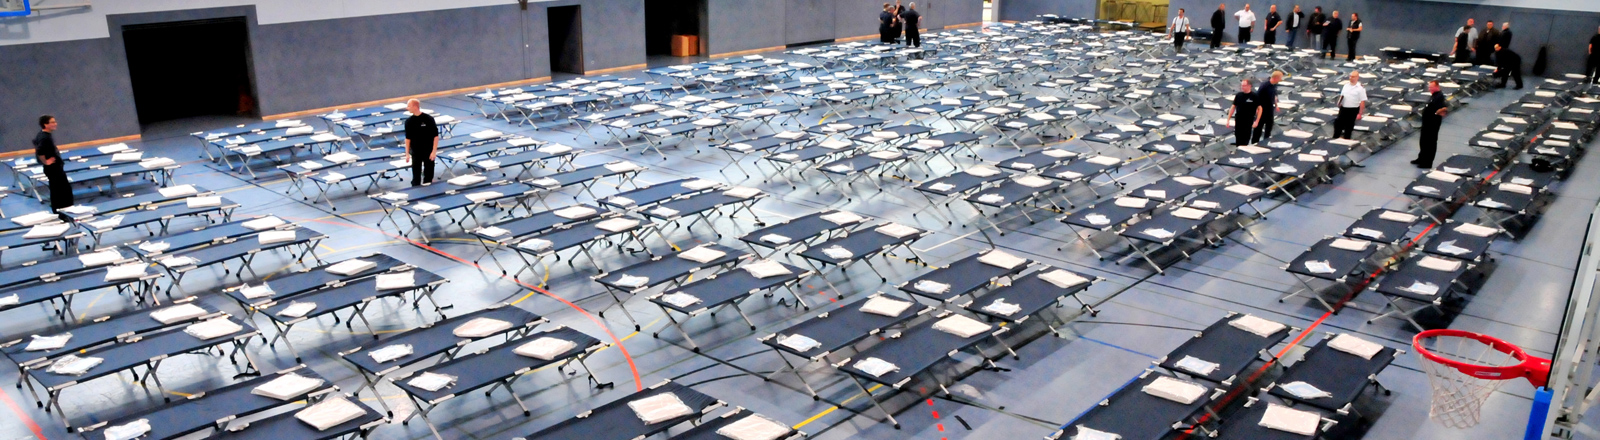 Über 200 Feldbetten stehen am 07.09.2015 in der Neuwerker Sporthalle (Nordrhein-Westfalen).